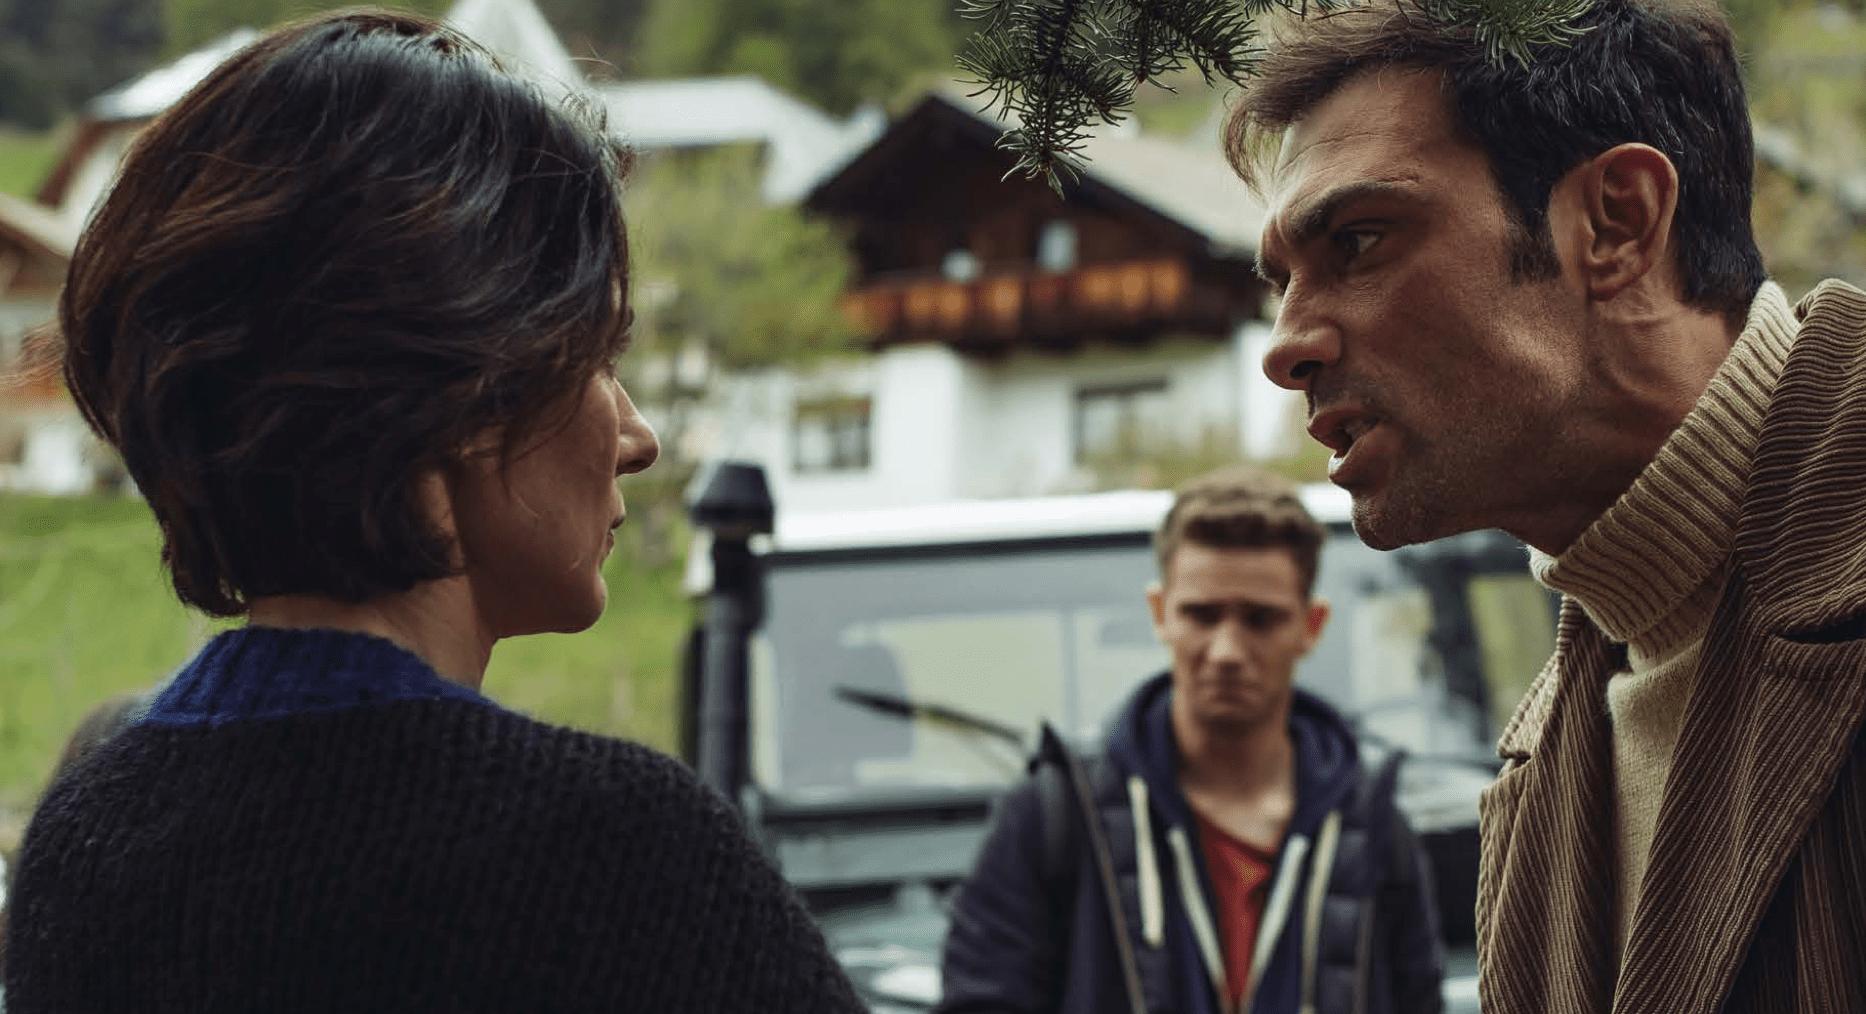 Fiction Club: Vite in fuga secondo appuntamento. Con Anna Valle e Claudio Gioè, in prima visione assoluta, in onda in prime time su RaiUno